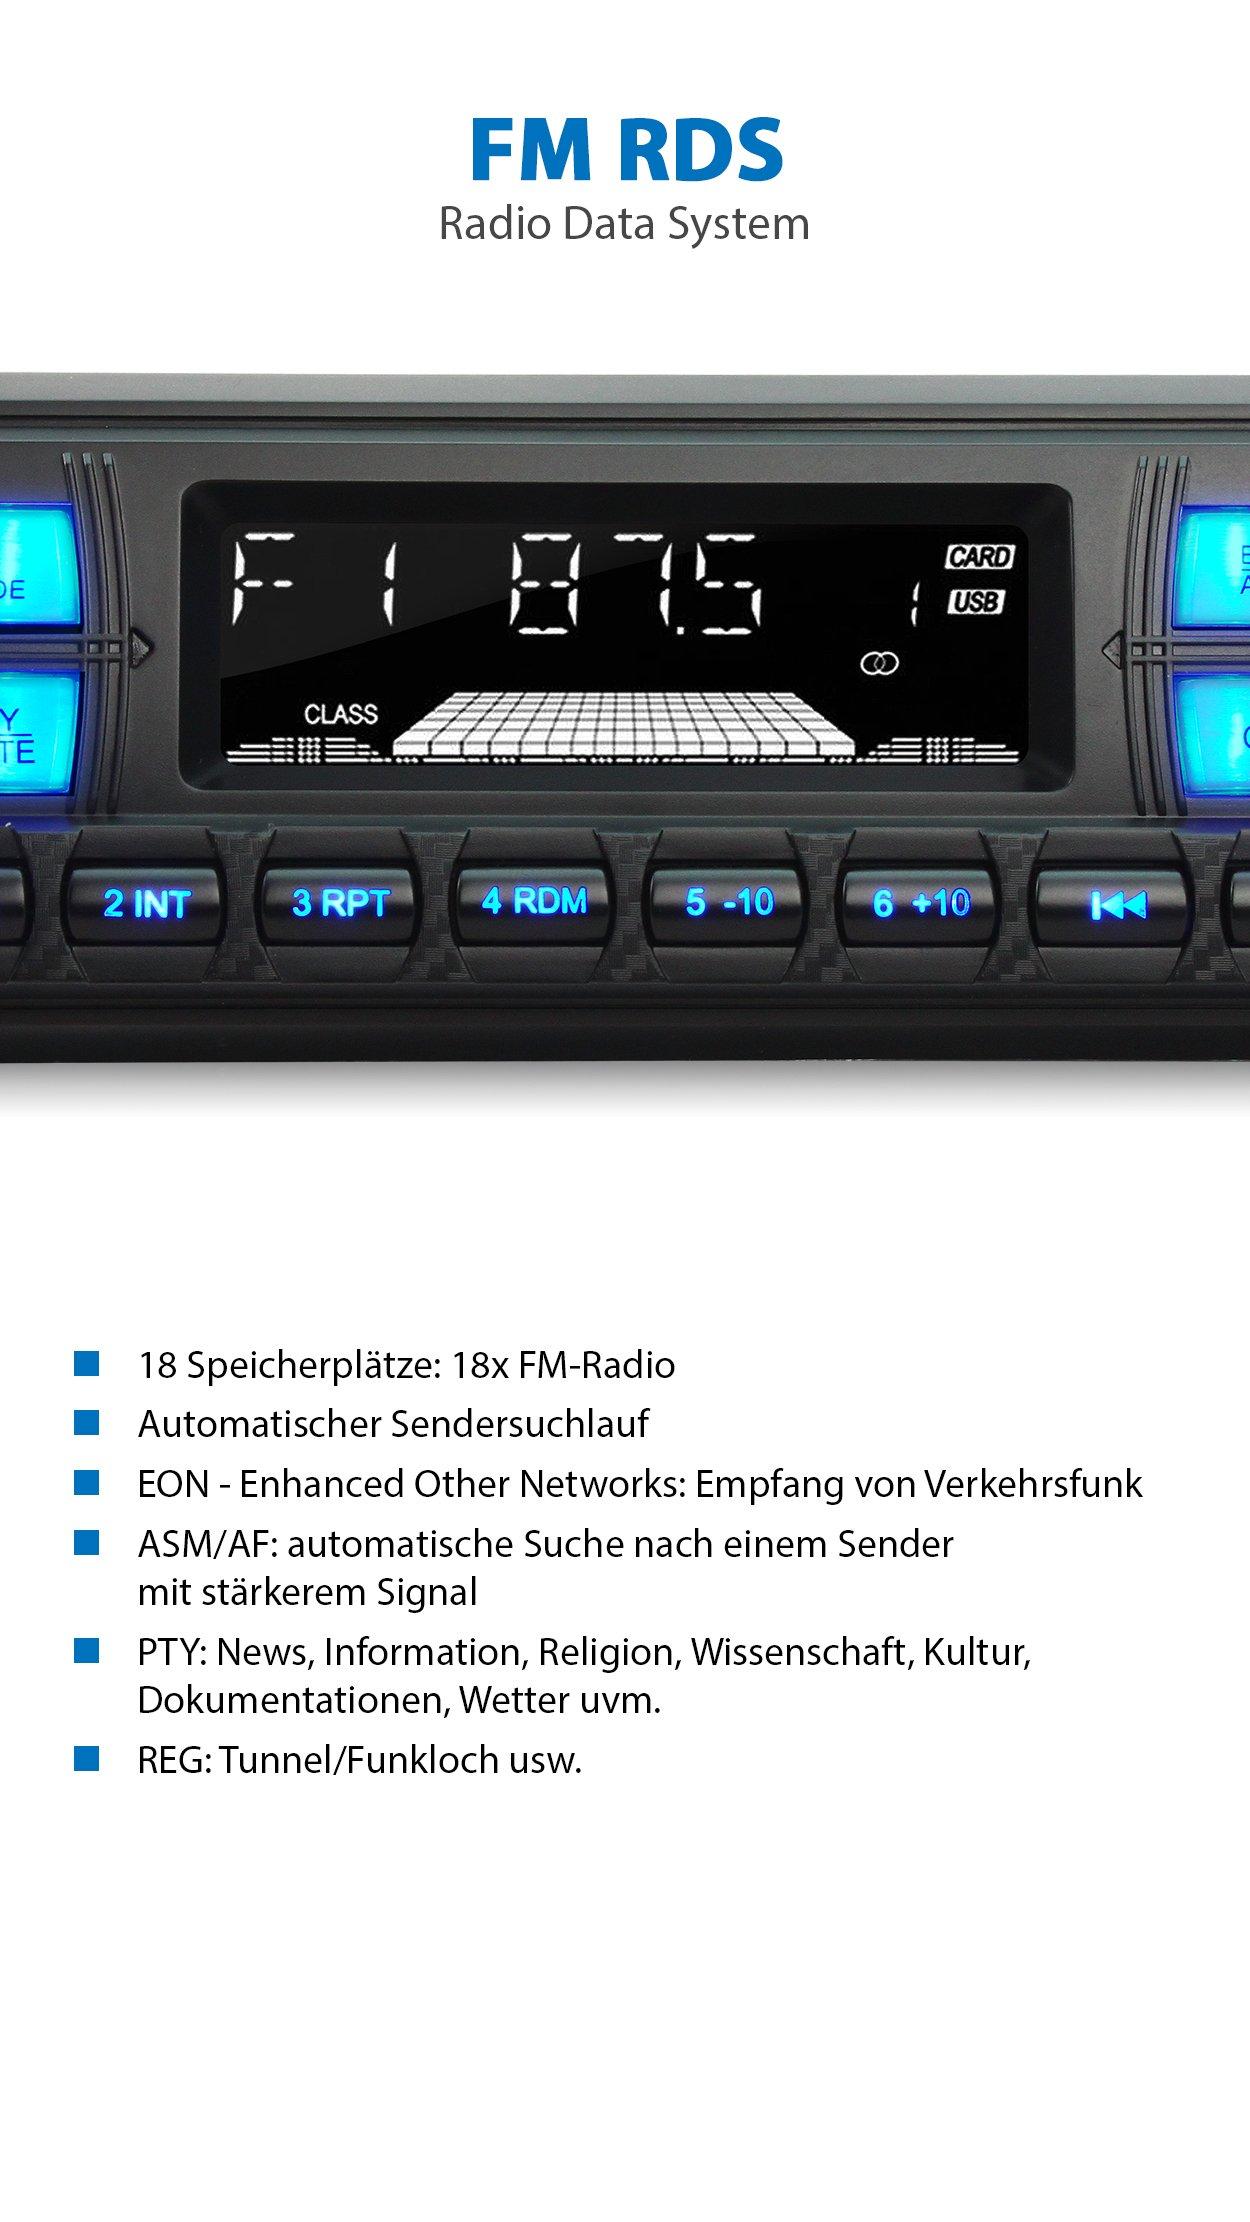 XOMAX-XM-RSU255BT-Autoradio-mit-Bluetooth-Freisprecheinrichtung-RDS-FM-Radio-Tuner-3-Farben-einstellbar-USB-SD-MP3-AUX-IN-1-DIN